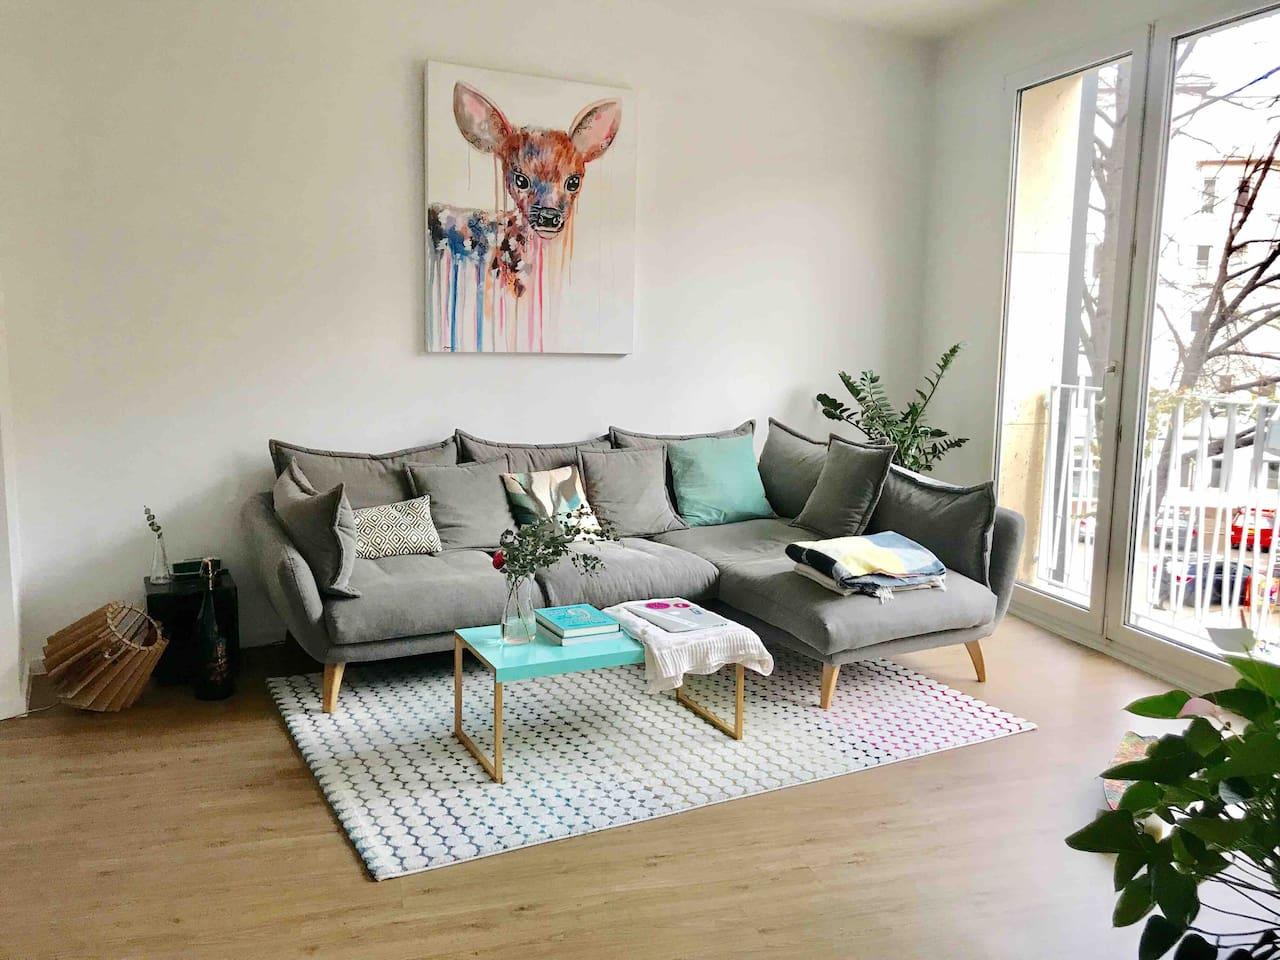 Wohnzimmer mit gemuetlichem Sofa / Living room with cozy sofa